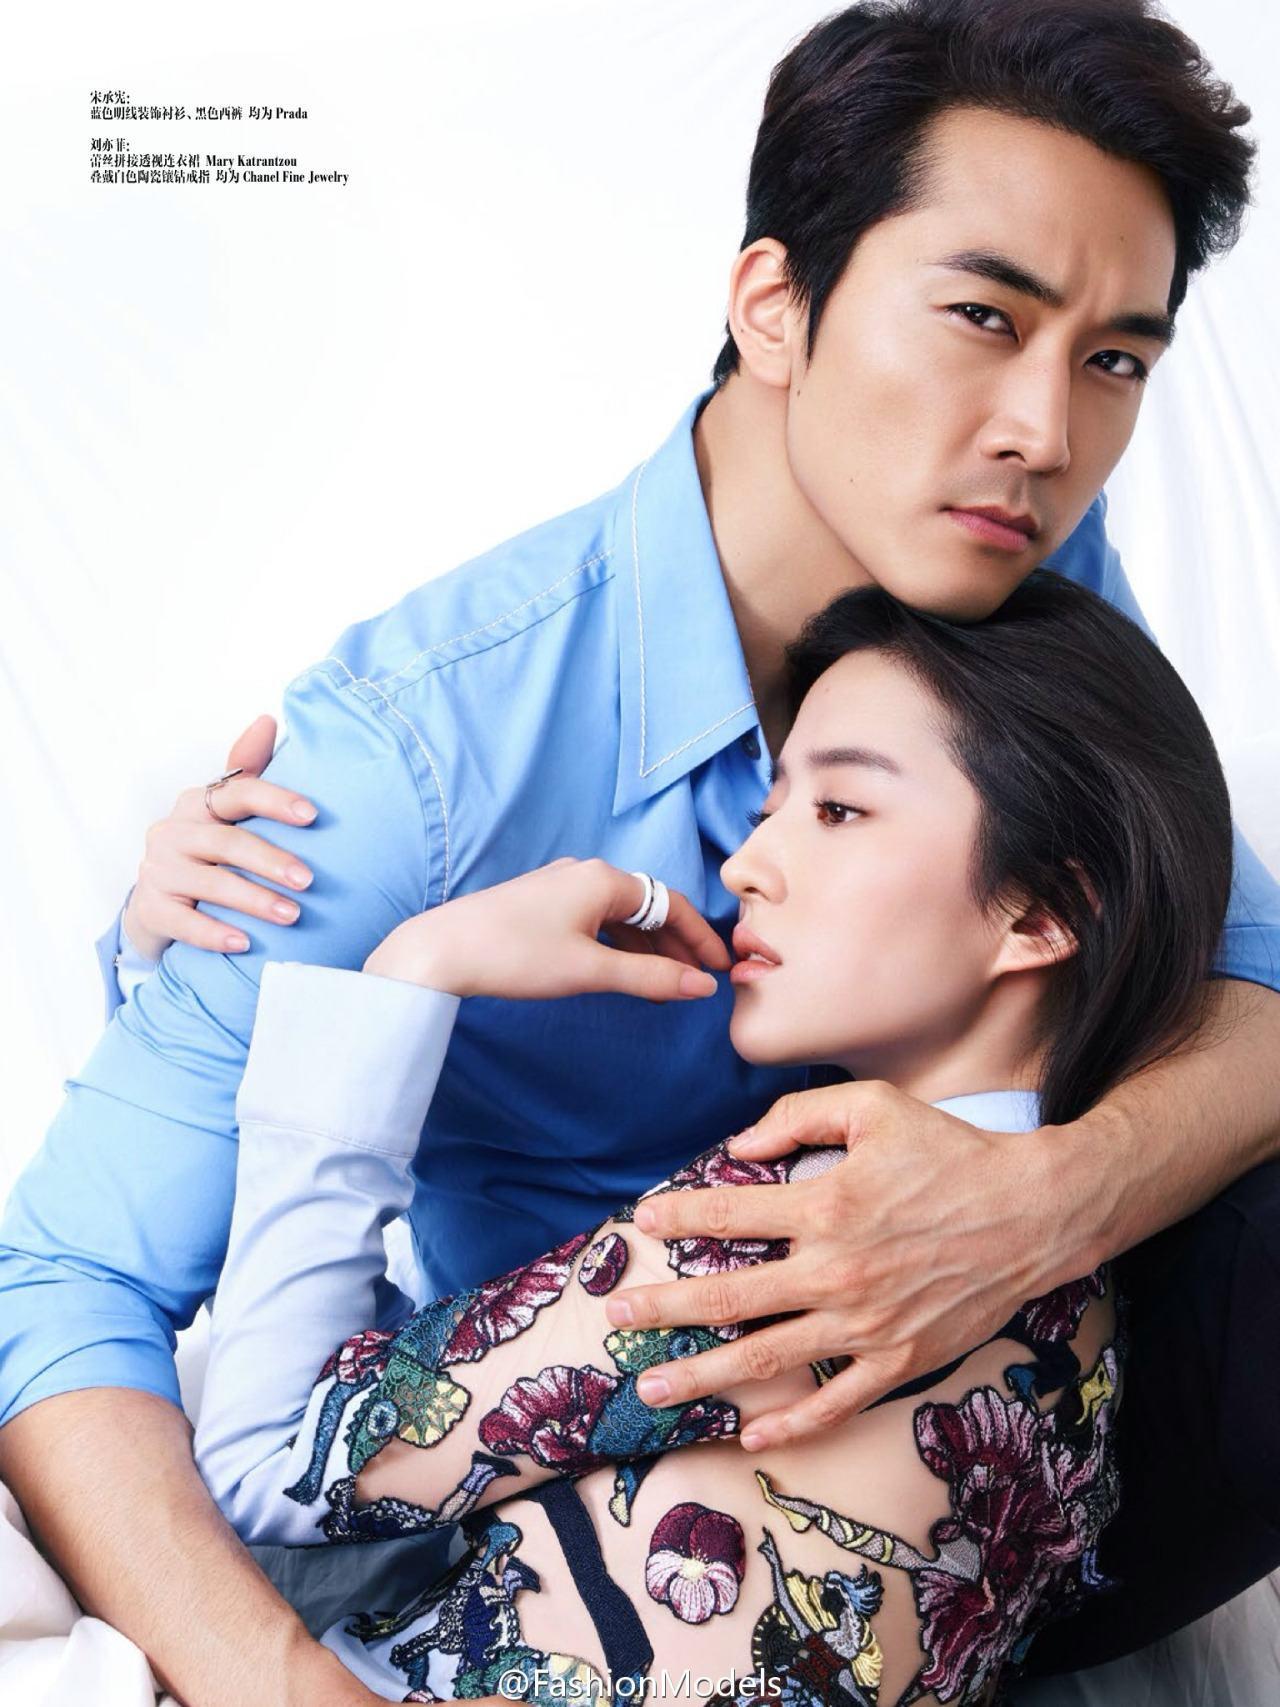 Liu Yi Fei Boyfriend >> Netizens react to news of Song Seung Hun and Liu Yifei's relationship